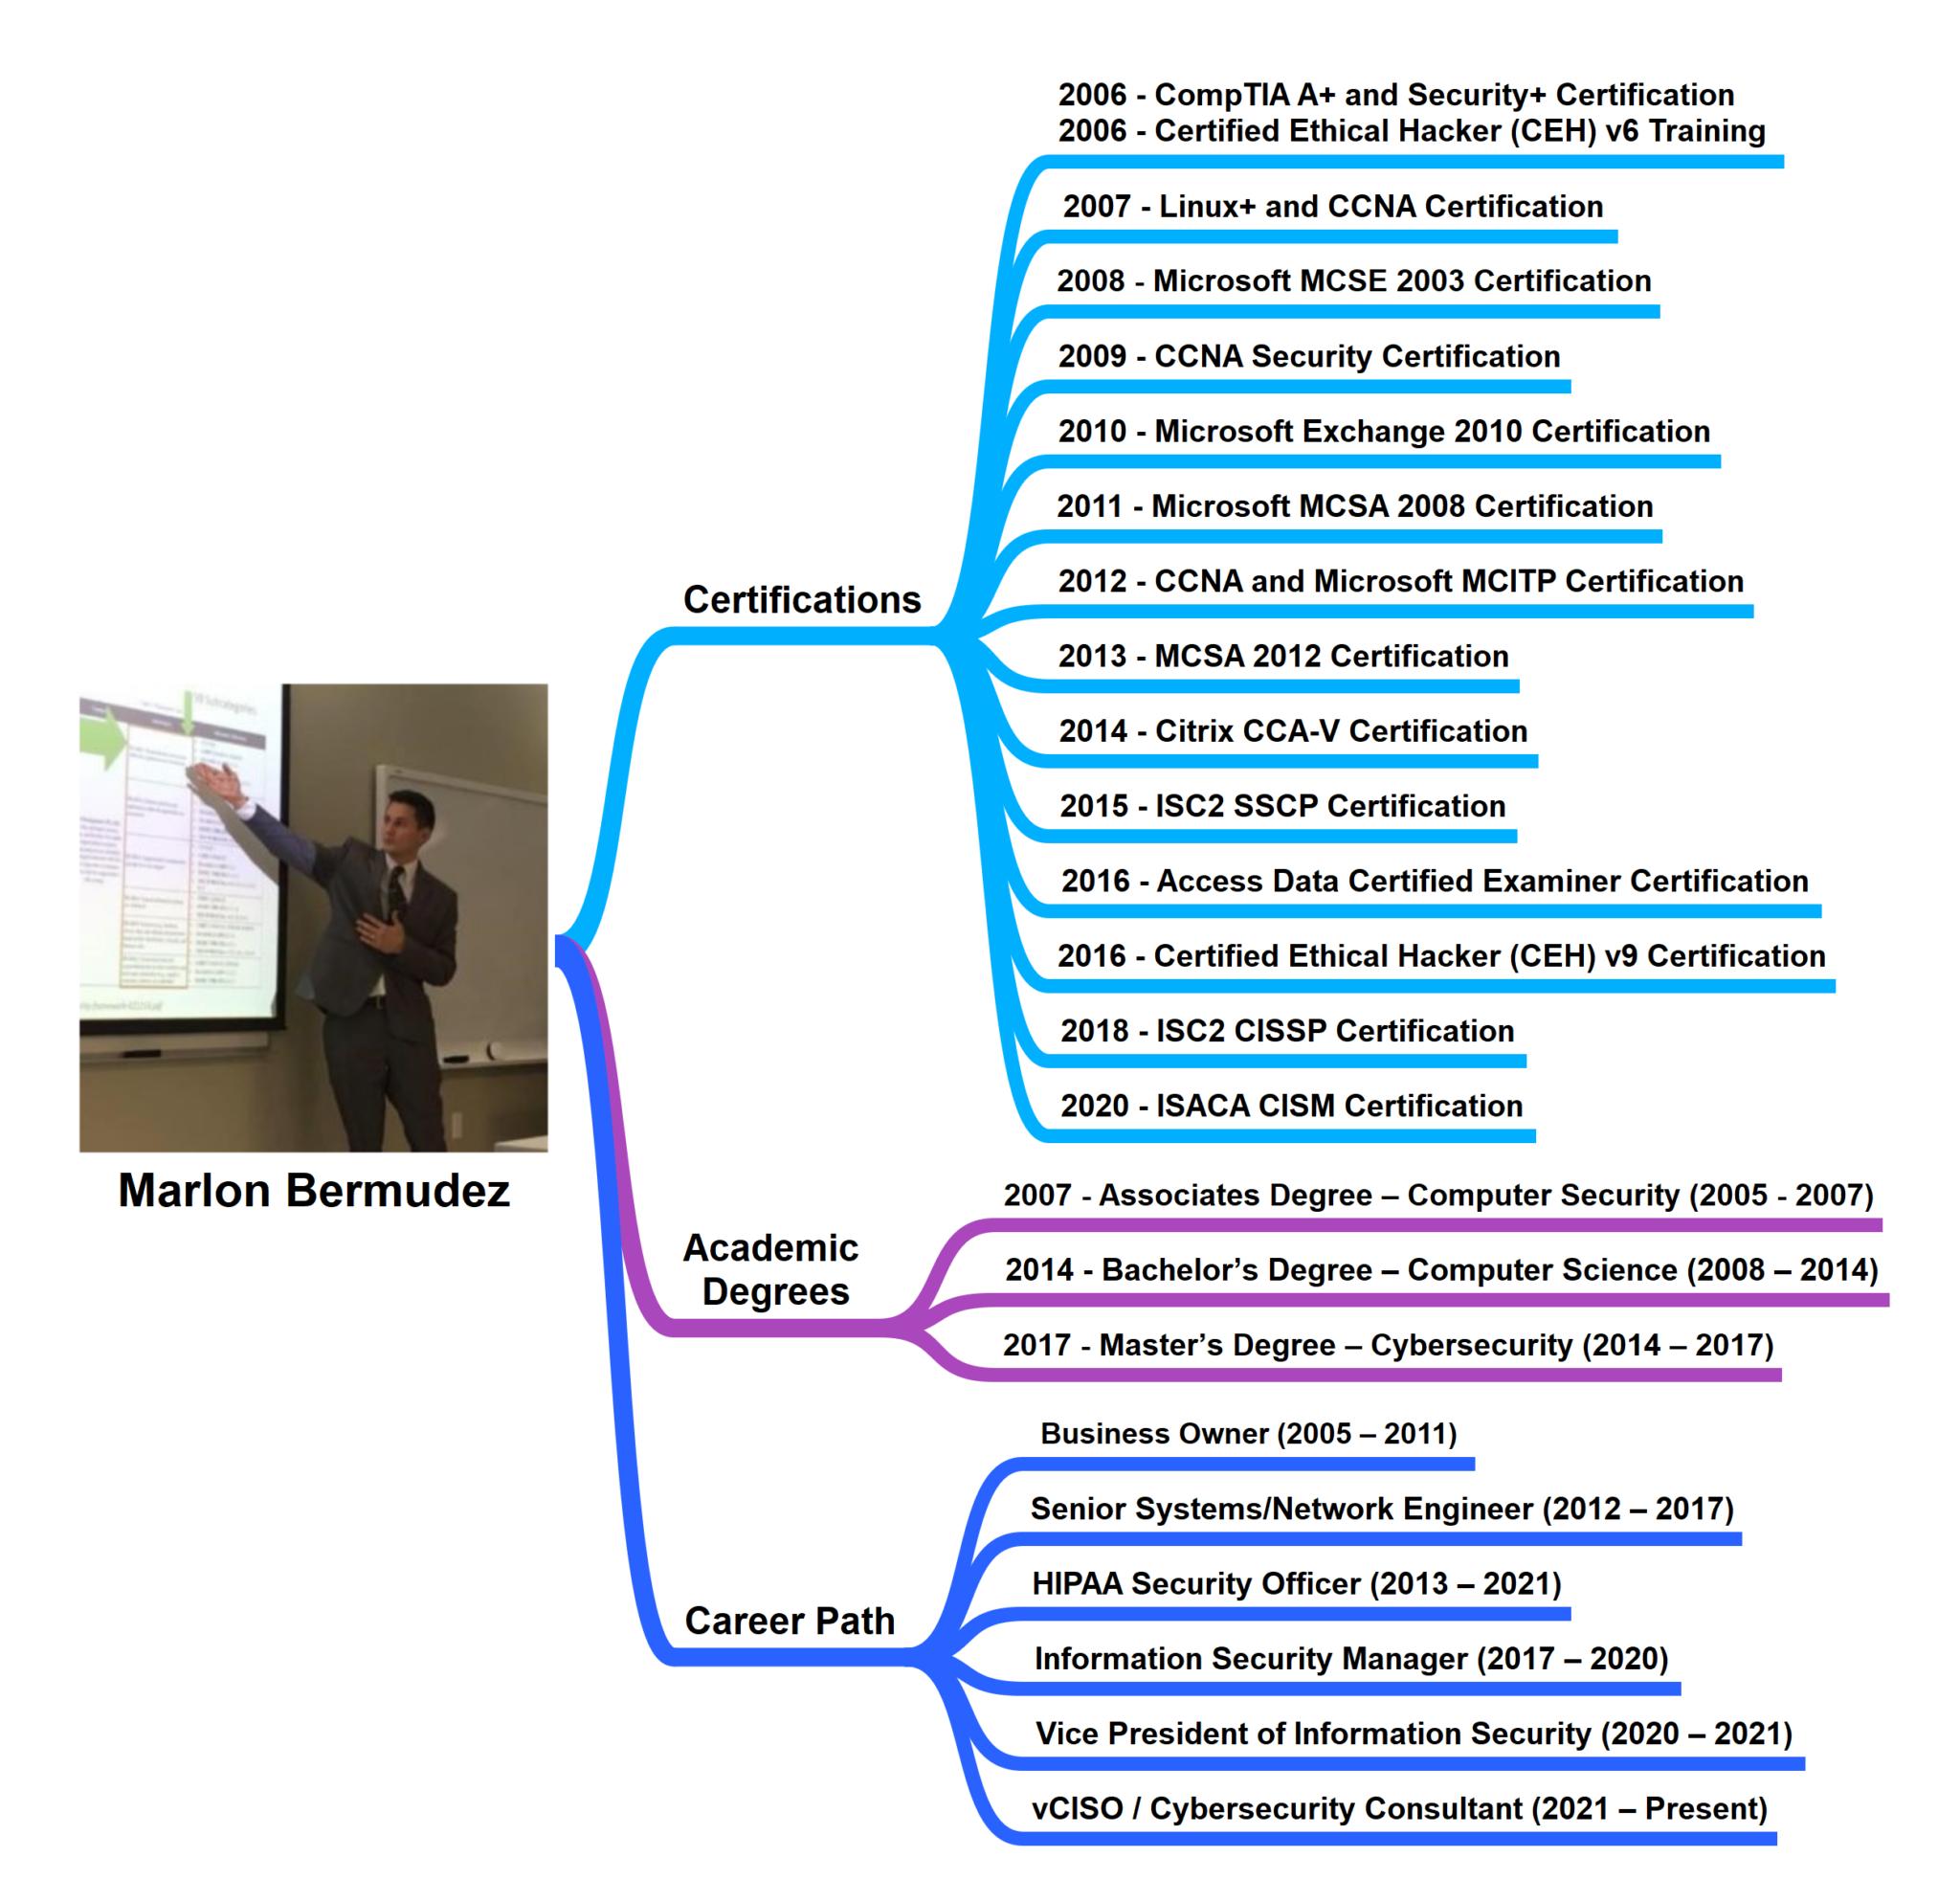 MBA-Mindmap-5-26-2021-2048x1987